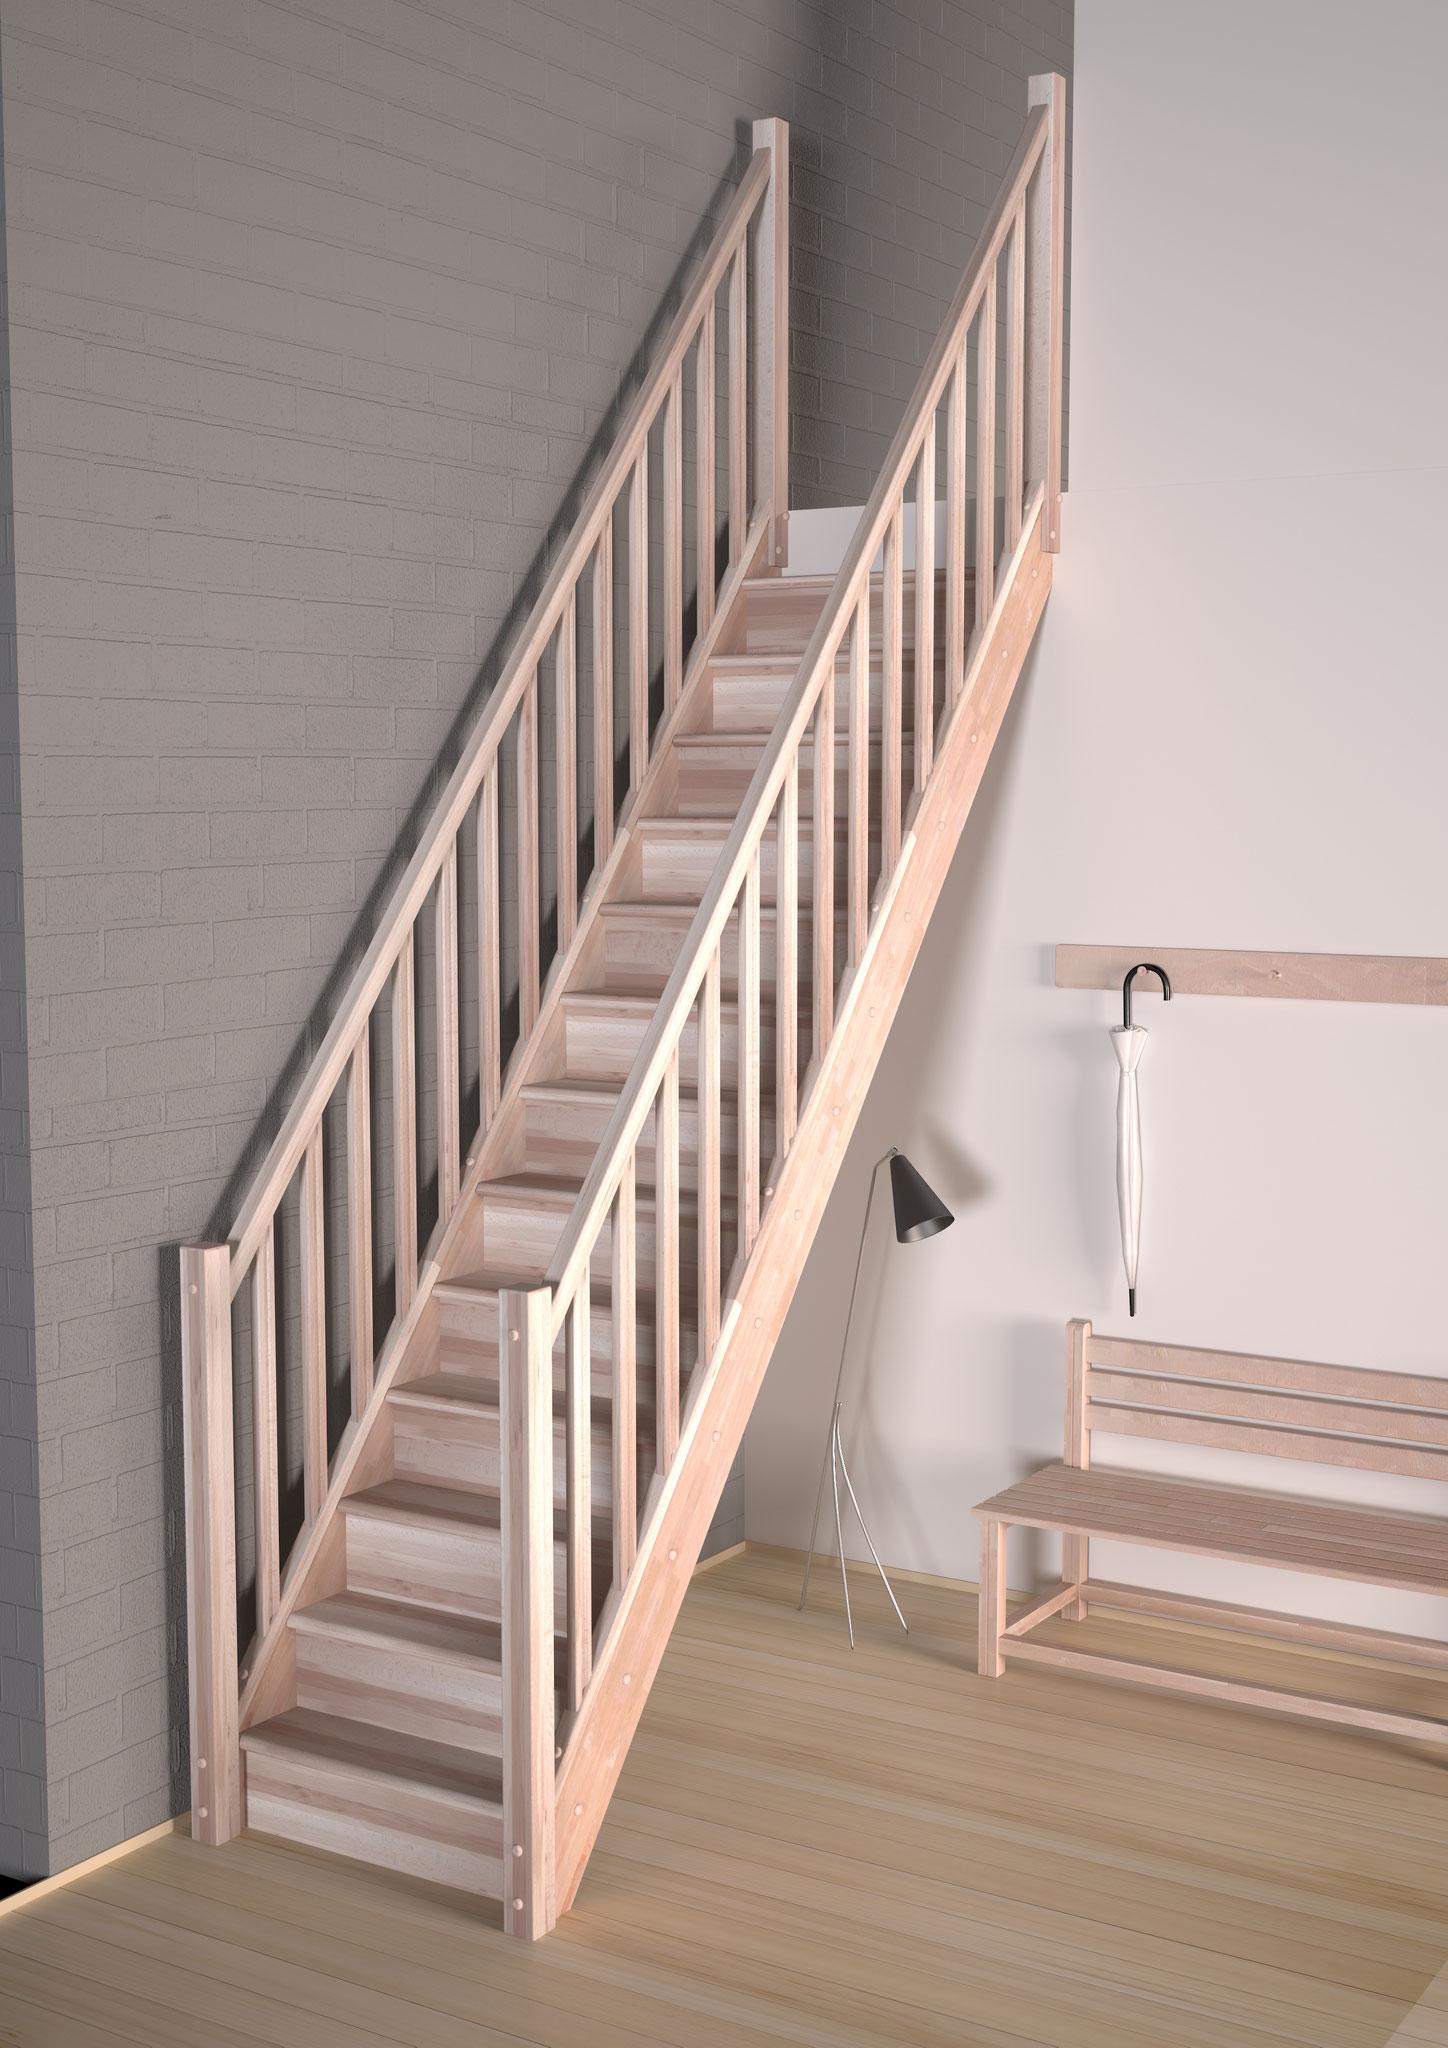 Tradi Eco escalier droit avec rampe supplémentaire